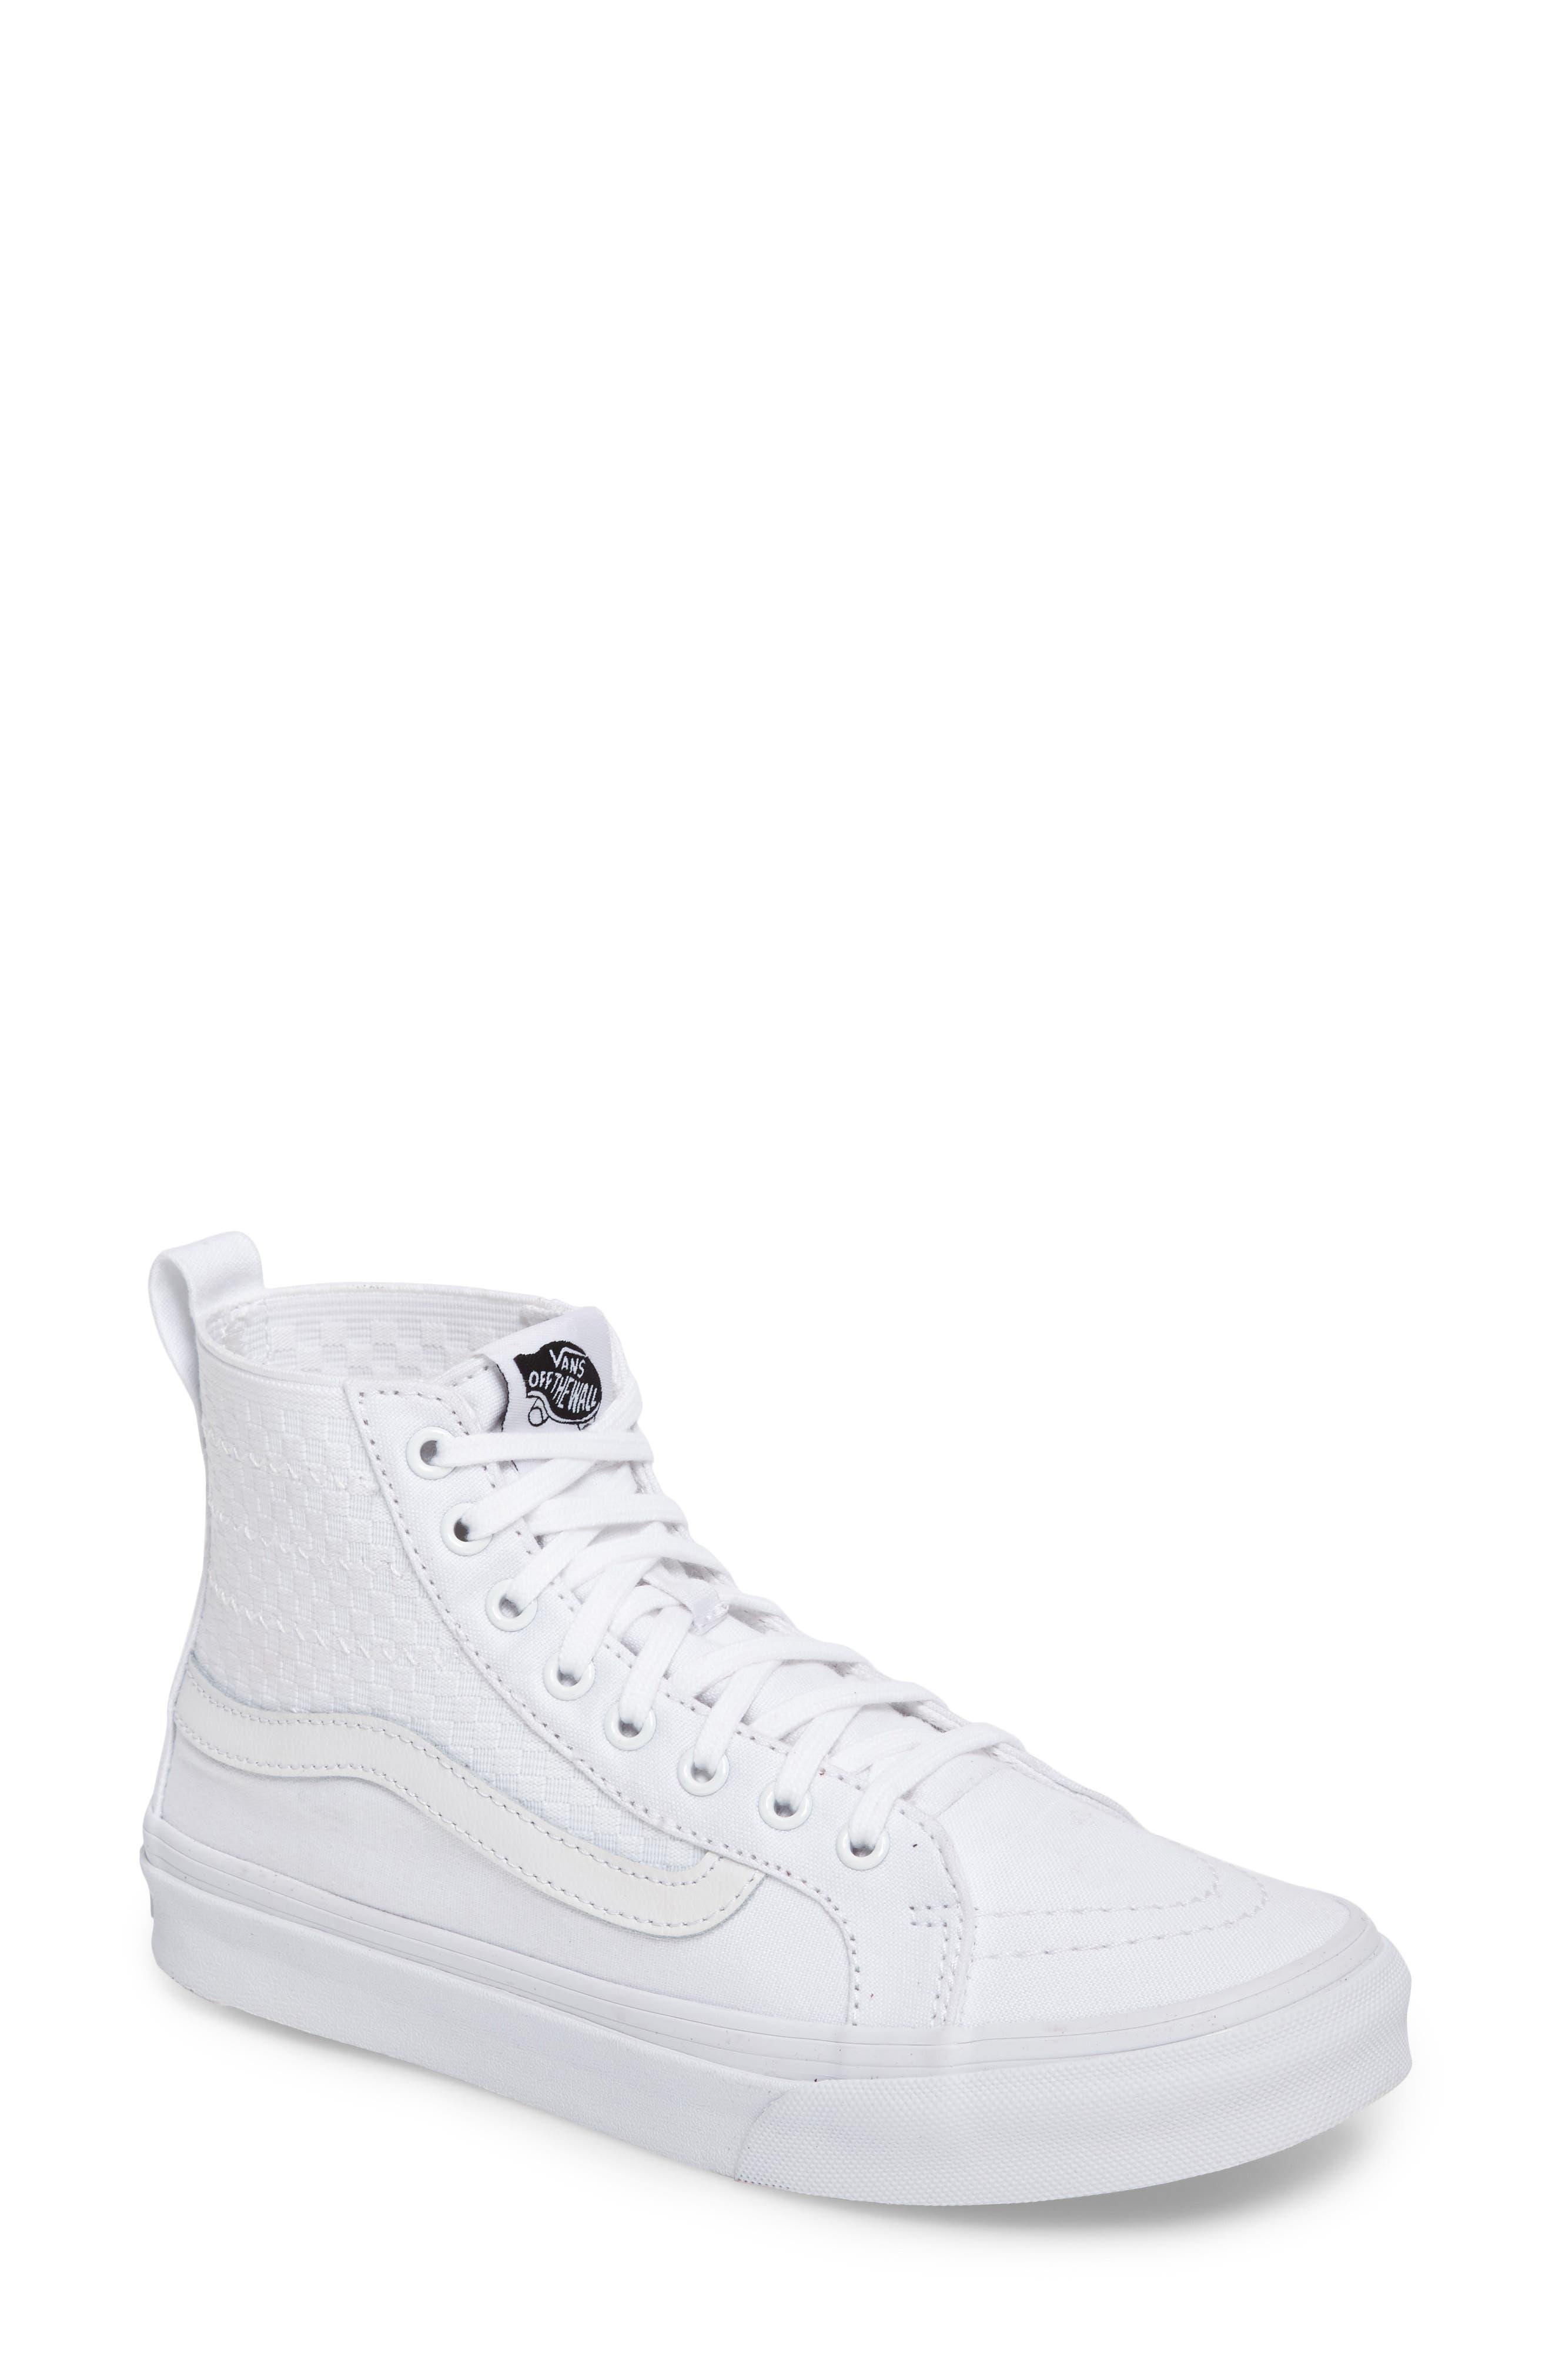 Alternate Image 1 Selected - Vans SK8-HI Slim Gore Sneaker (Women)